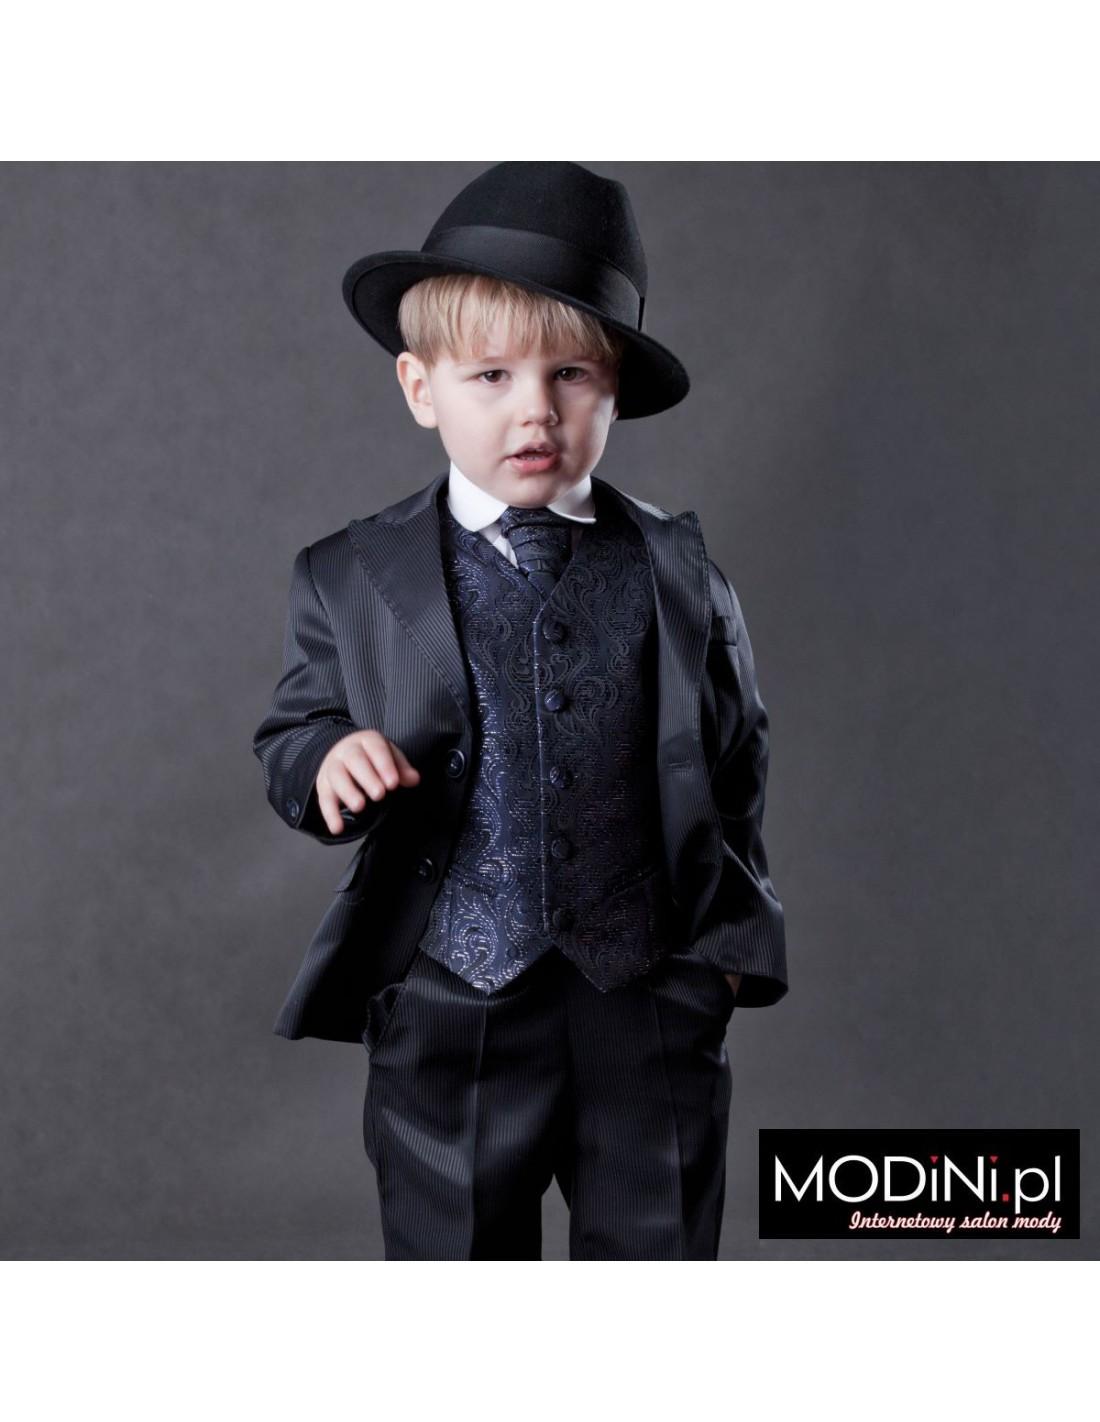 088ab0537c0af Granatowy garnitur dziecięcy   Sklep Internetowy Modini.pl